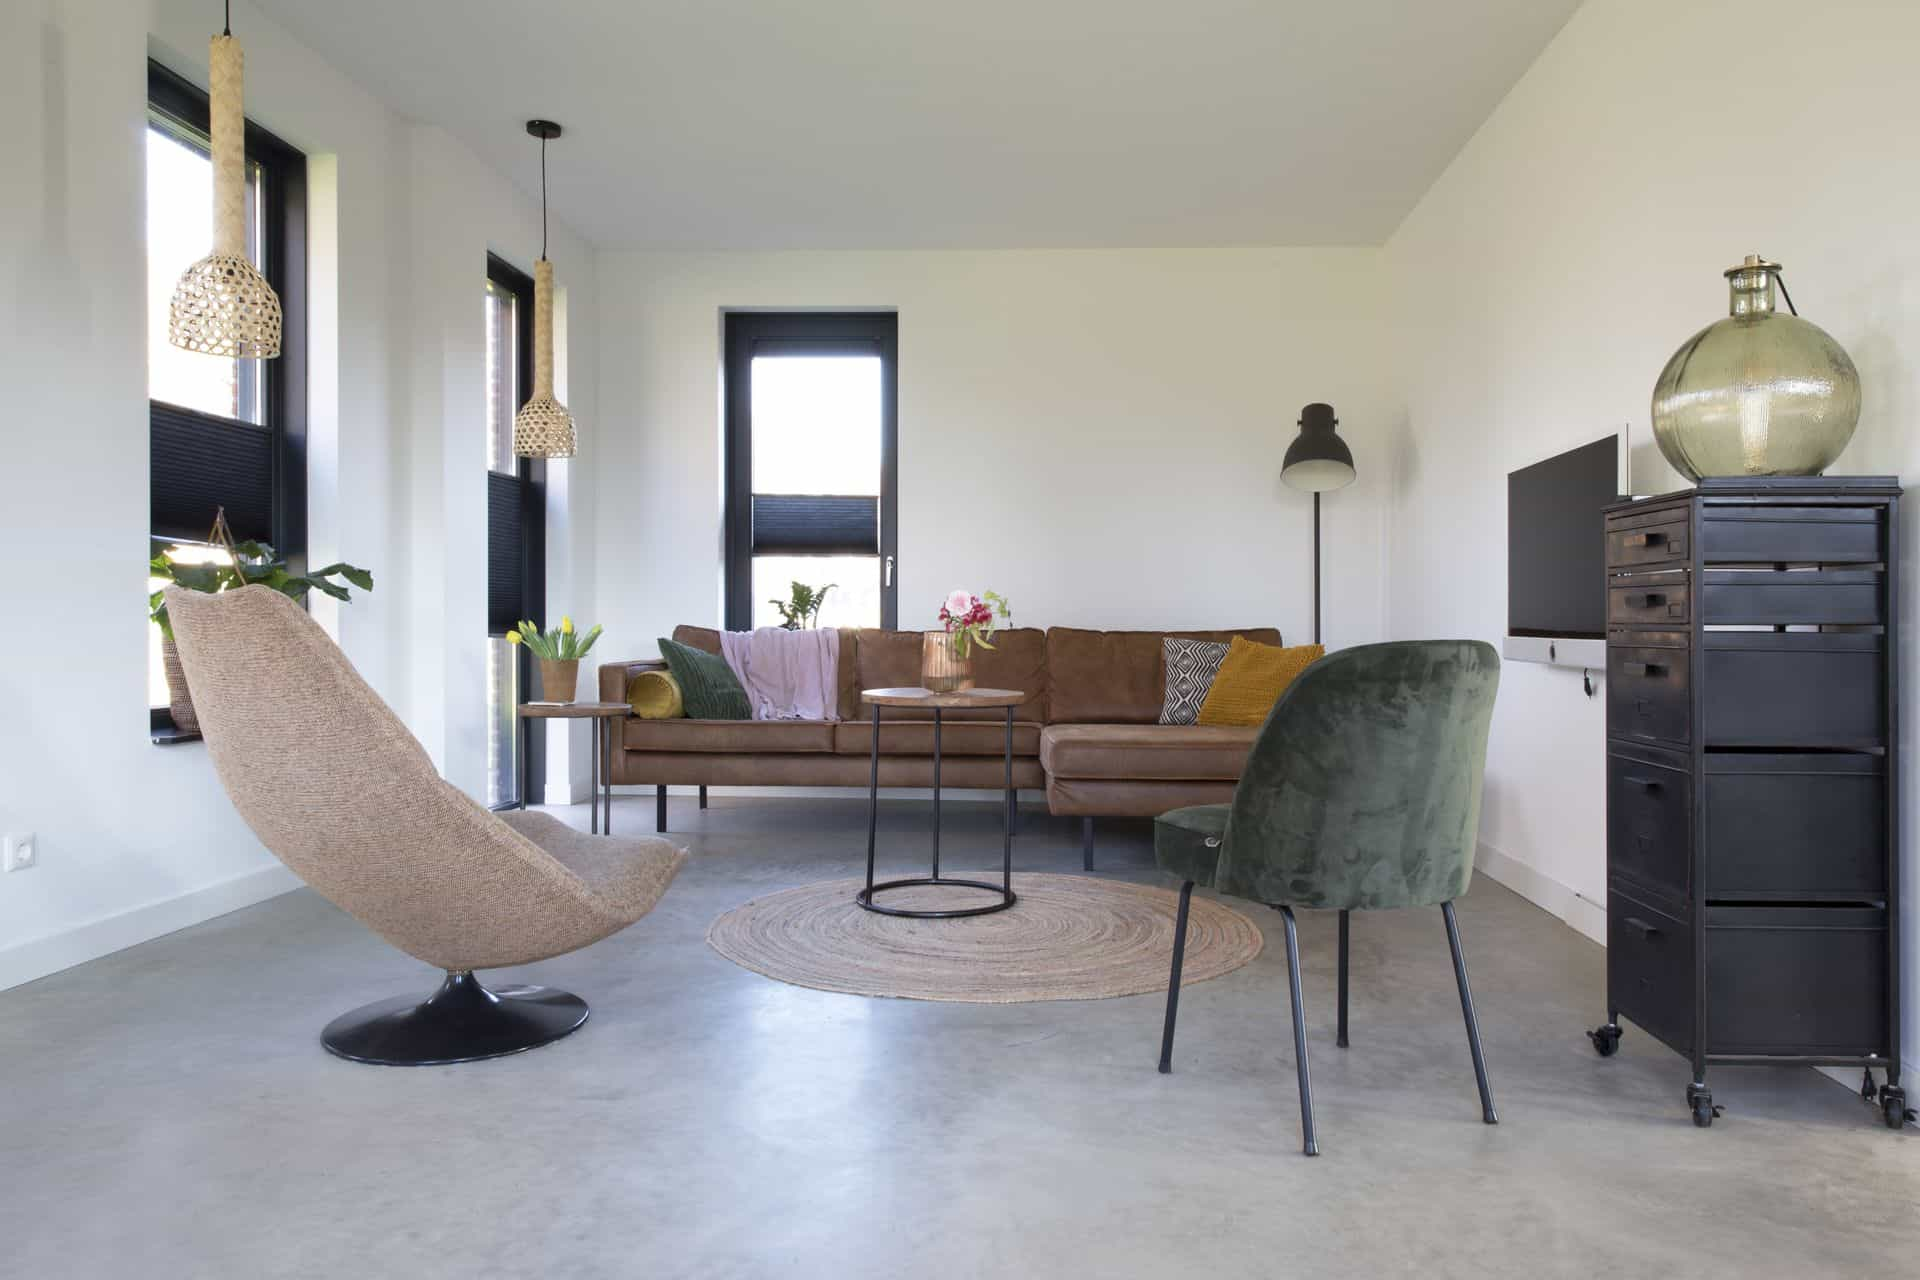 gevlinderde betonvloeren, gepolierde beton onderhoud